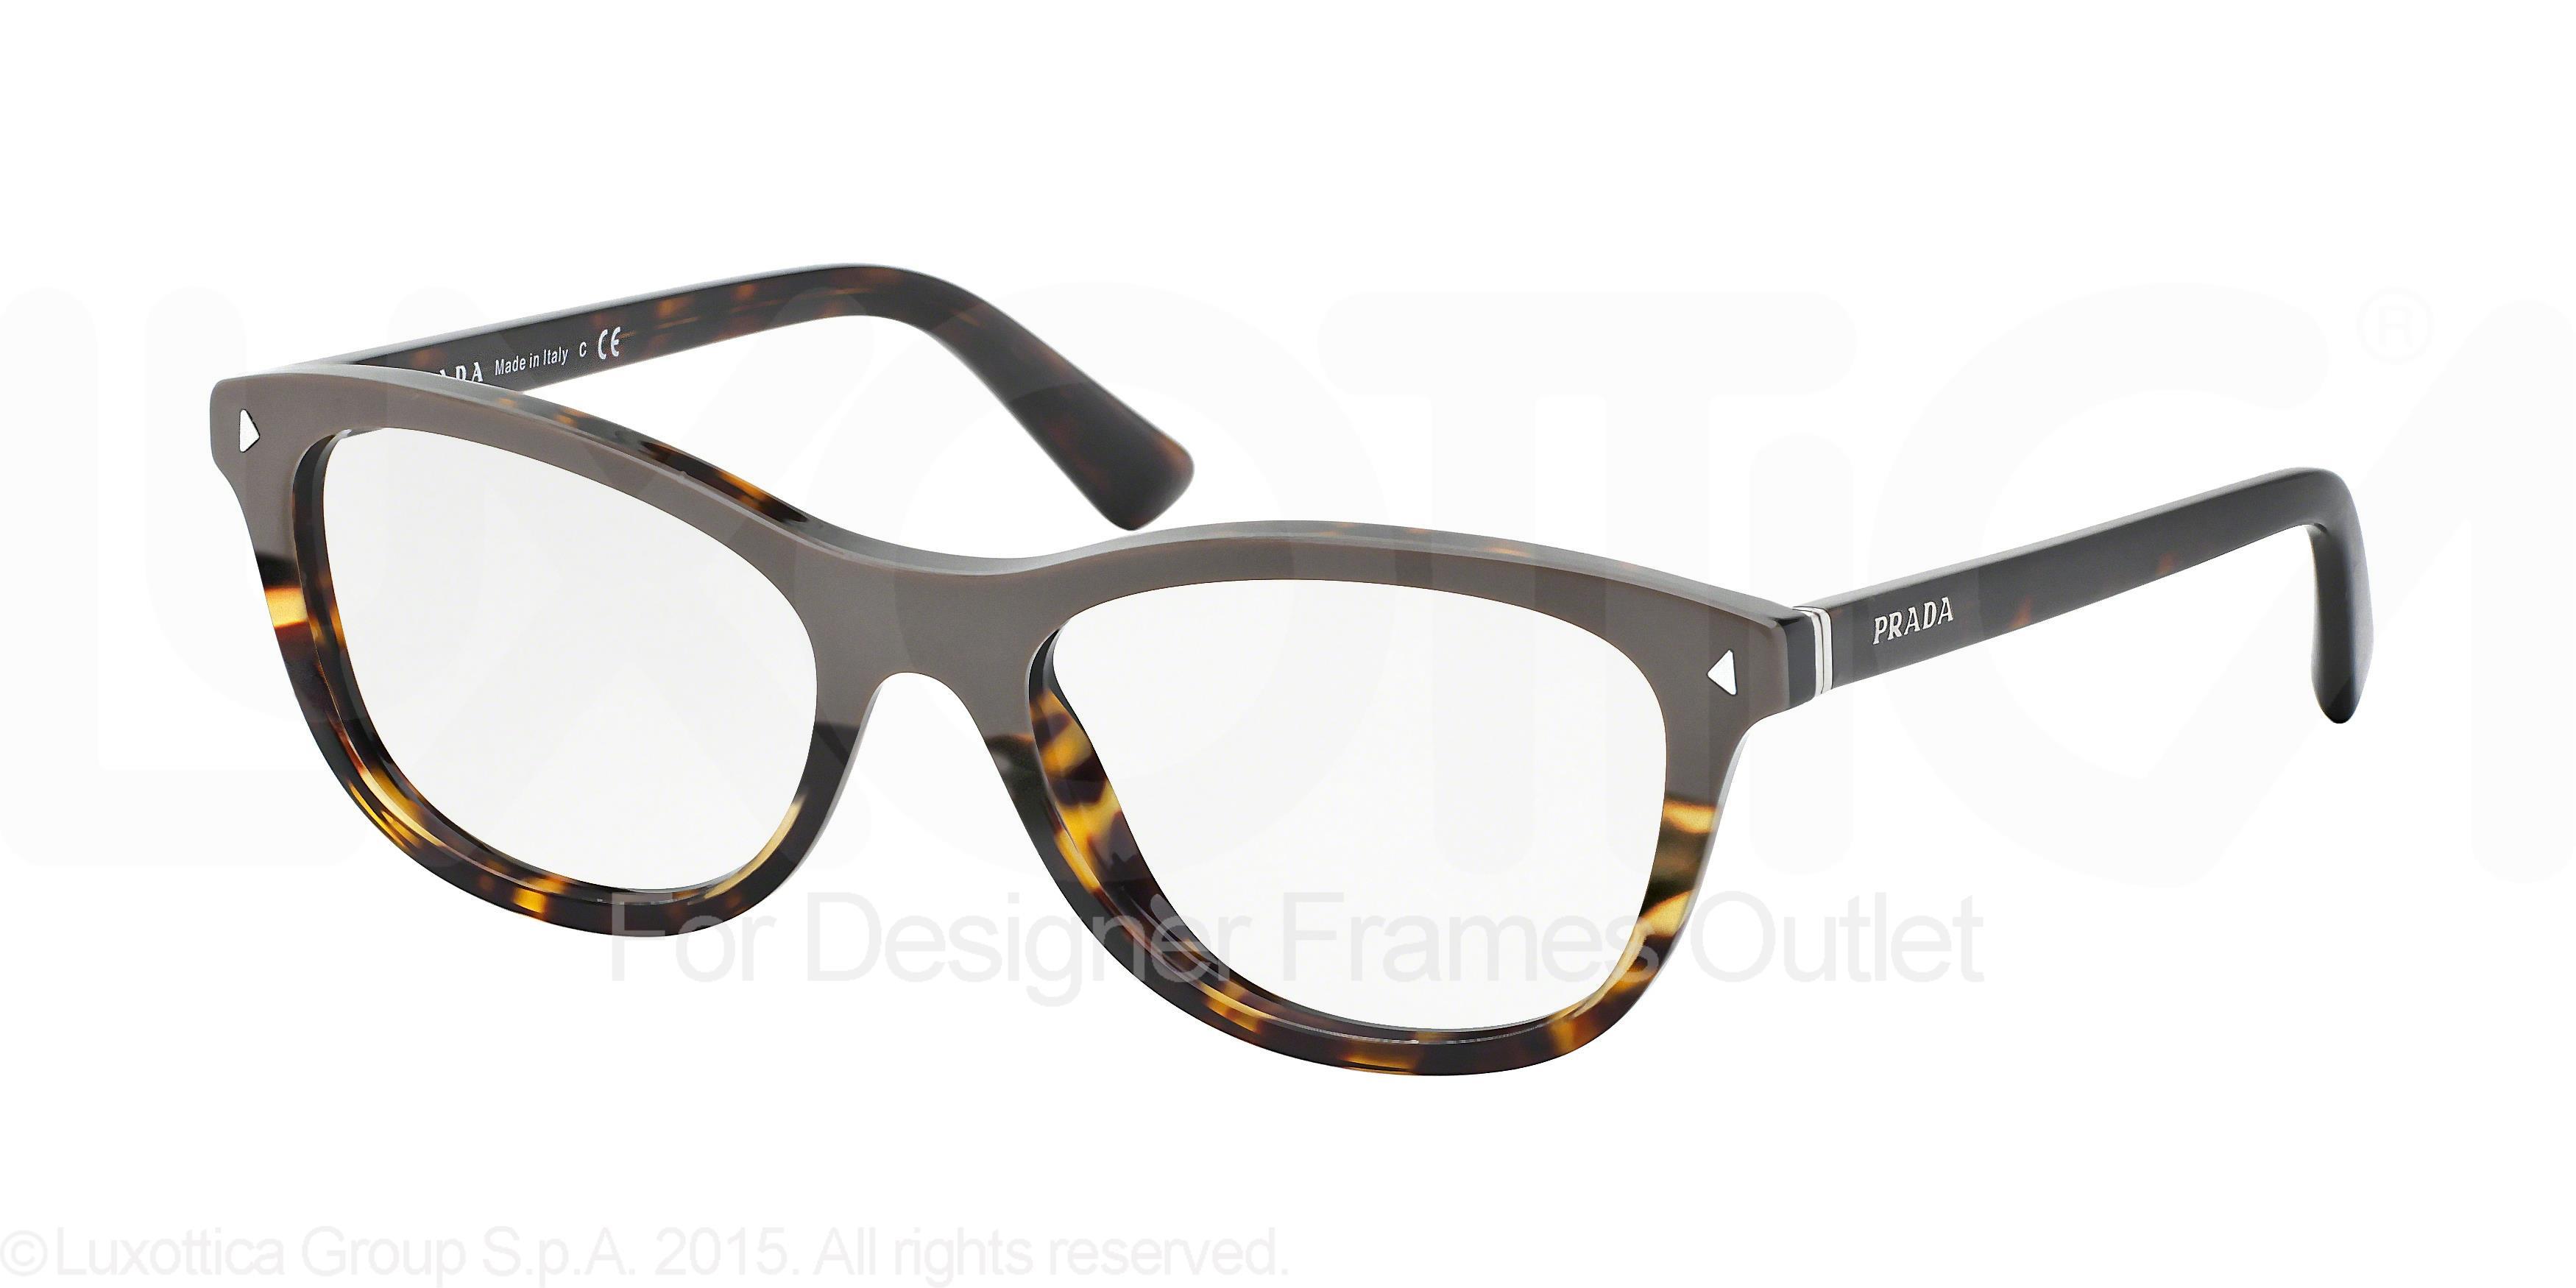 ed1d72e21f2f Designer Frames Outlet. Prada PR05RV